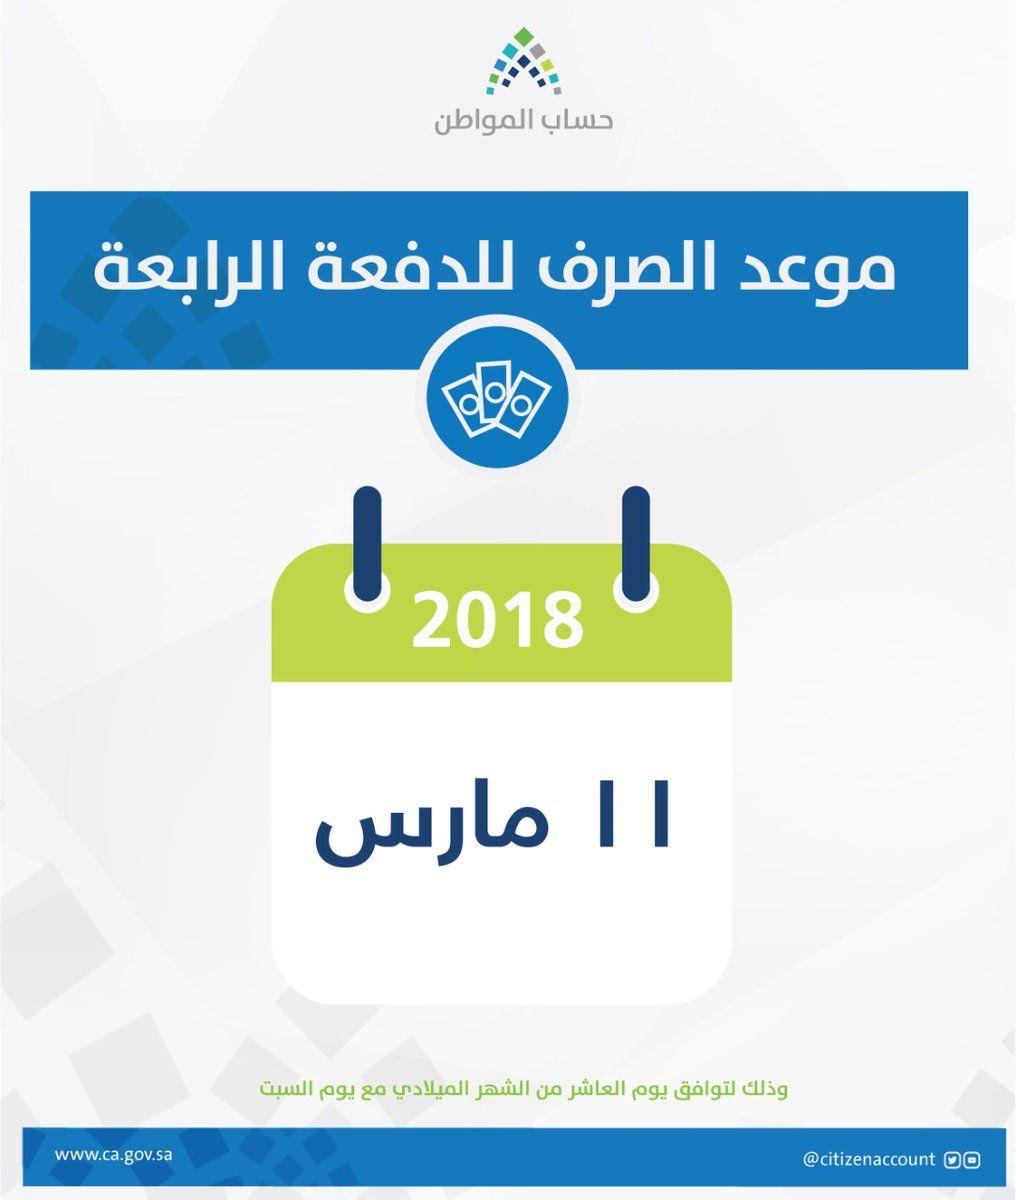 كيفية التسجيل في بوابة حساب المواطن الالكترونية 1439 وموعد استحقاق الدفعة الخامسة متابعة رابط الدعم Arab News